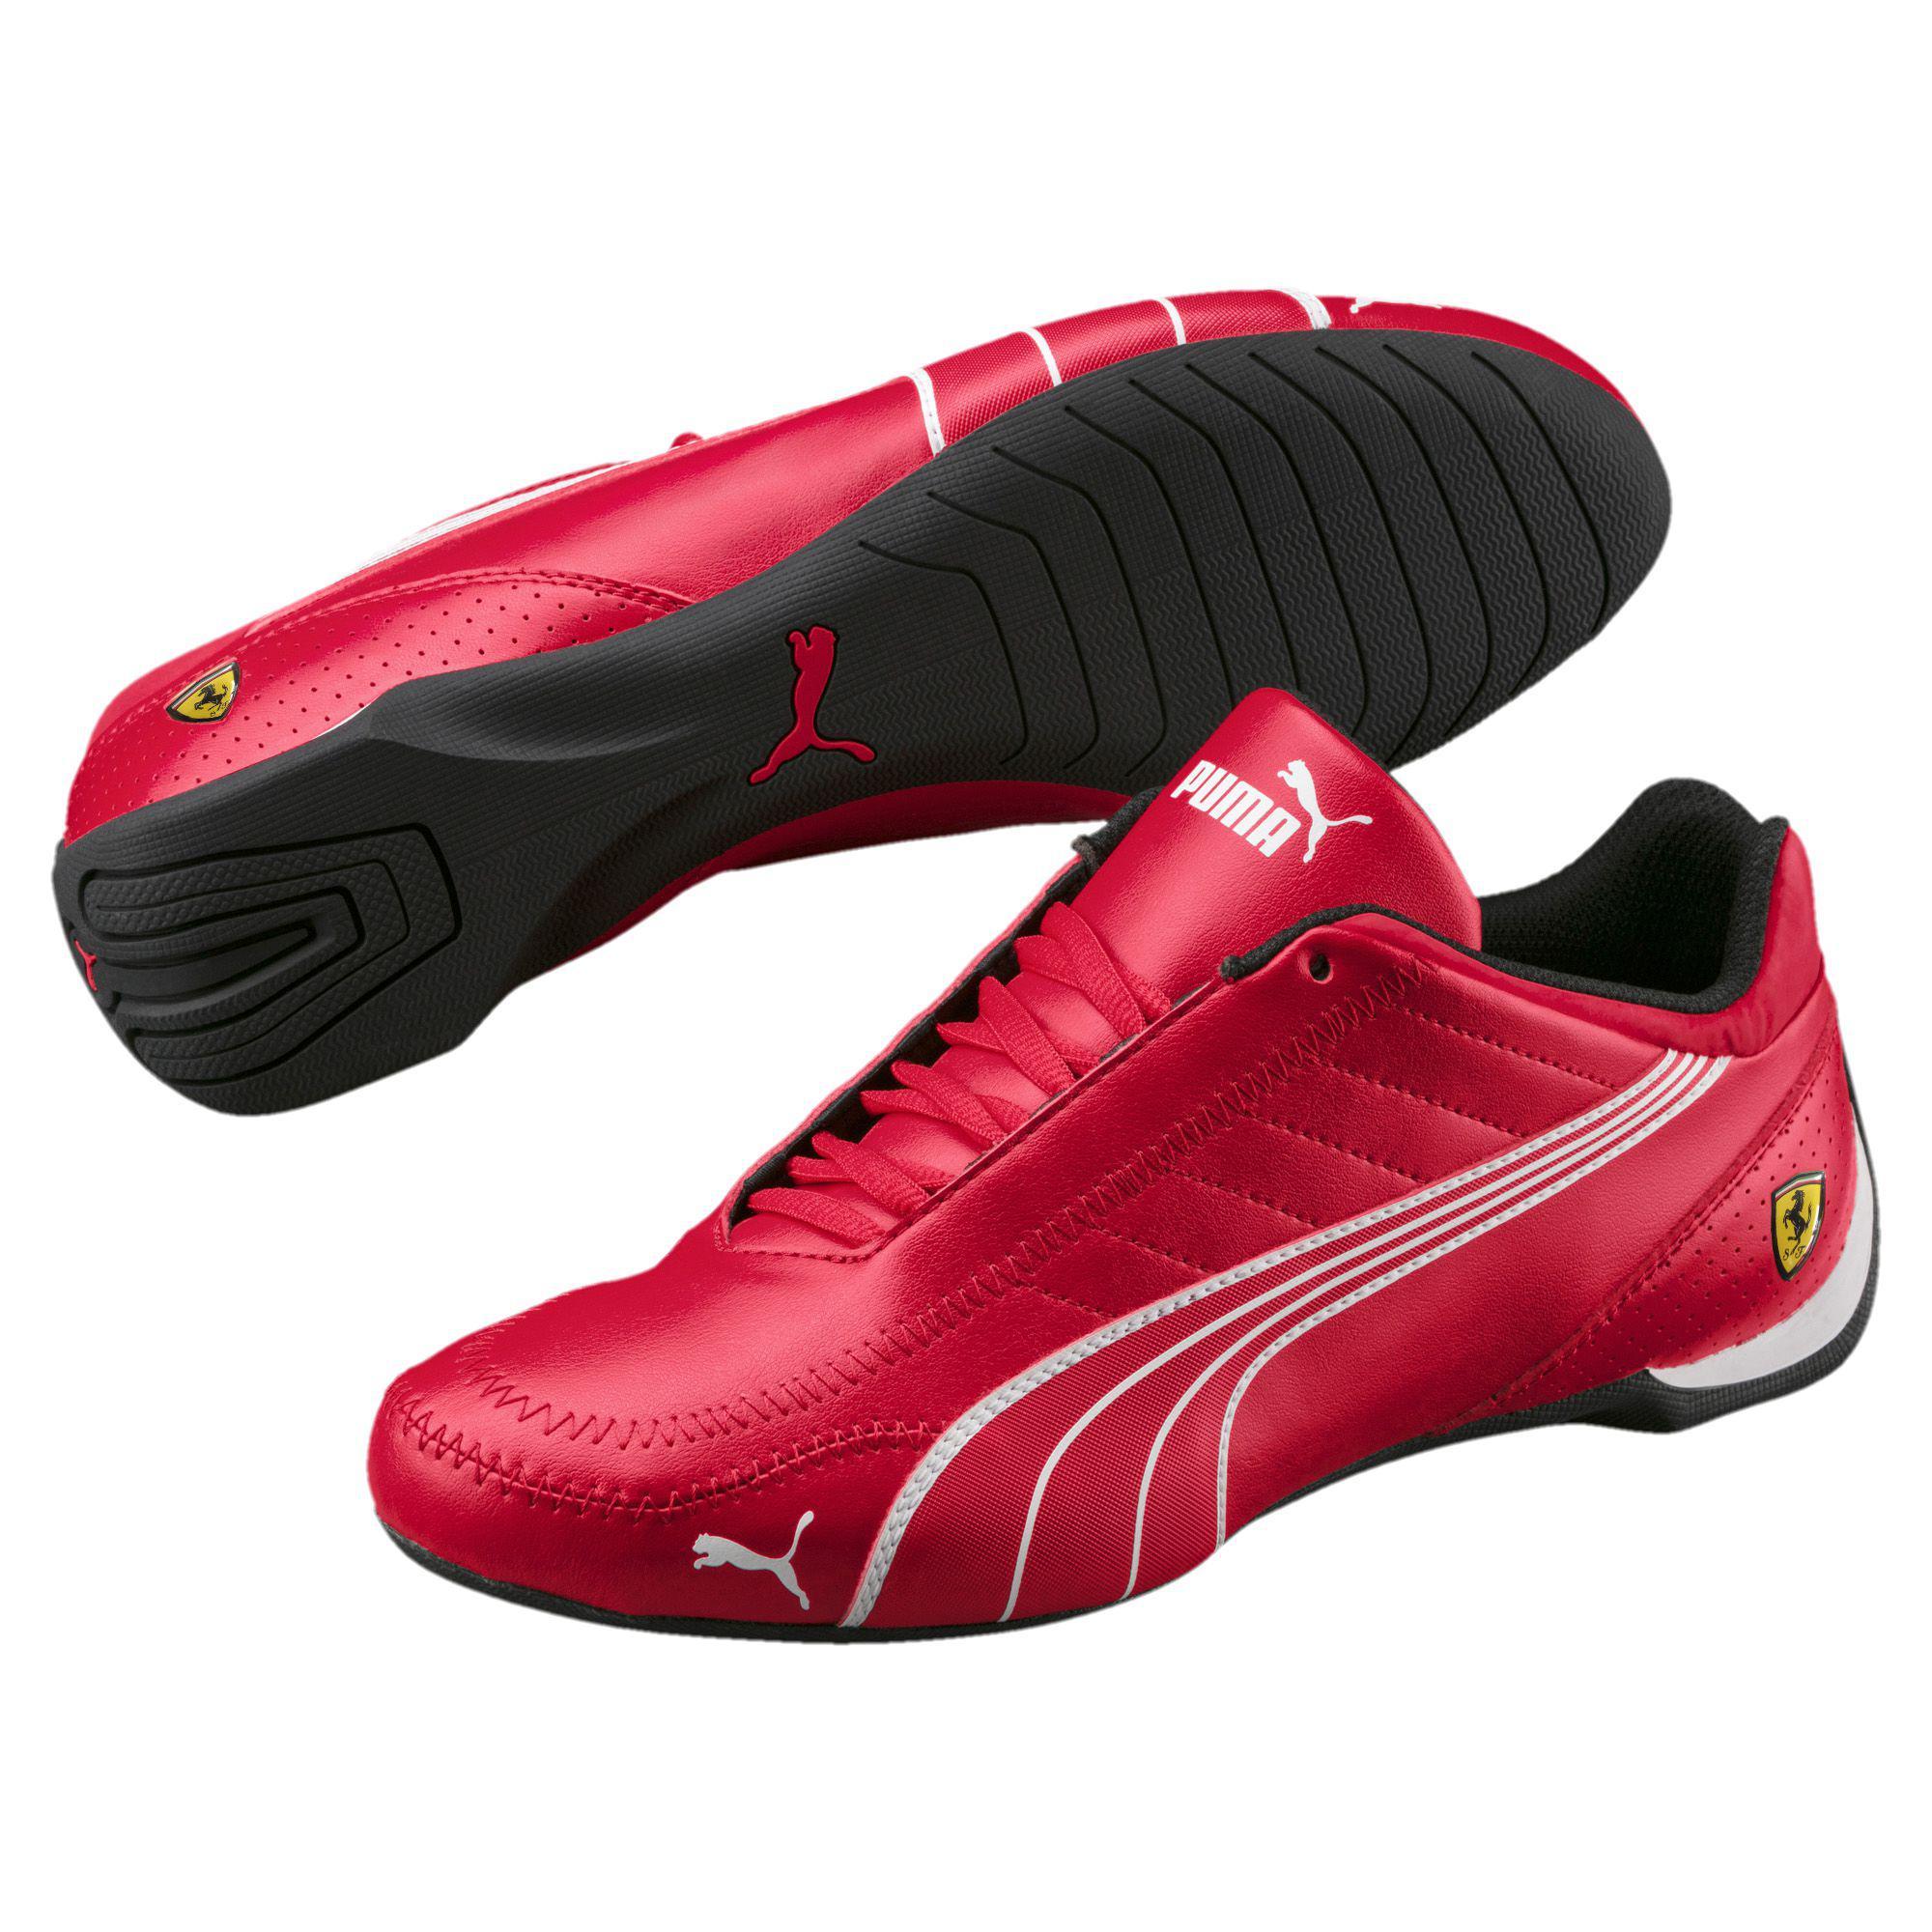 9d91266060d757 Lyst - PUMA Ferrari Future Cart Cat Men s Motorsport Shoes in Red ...